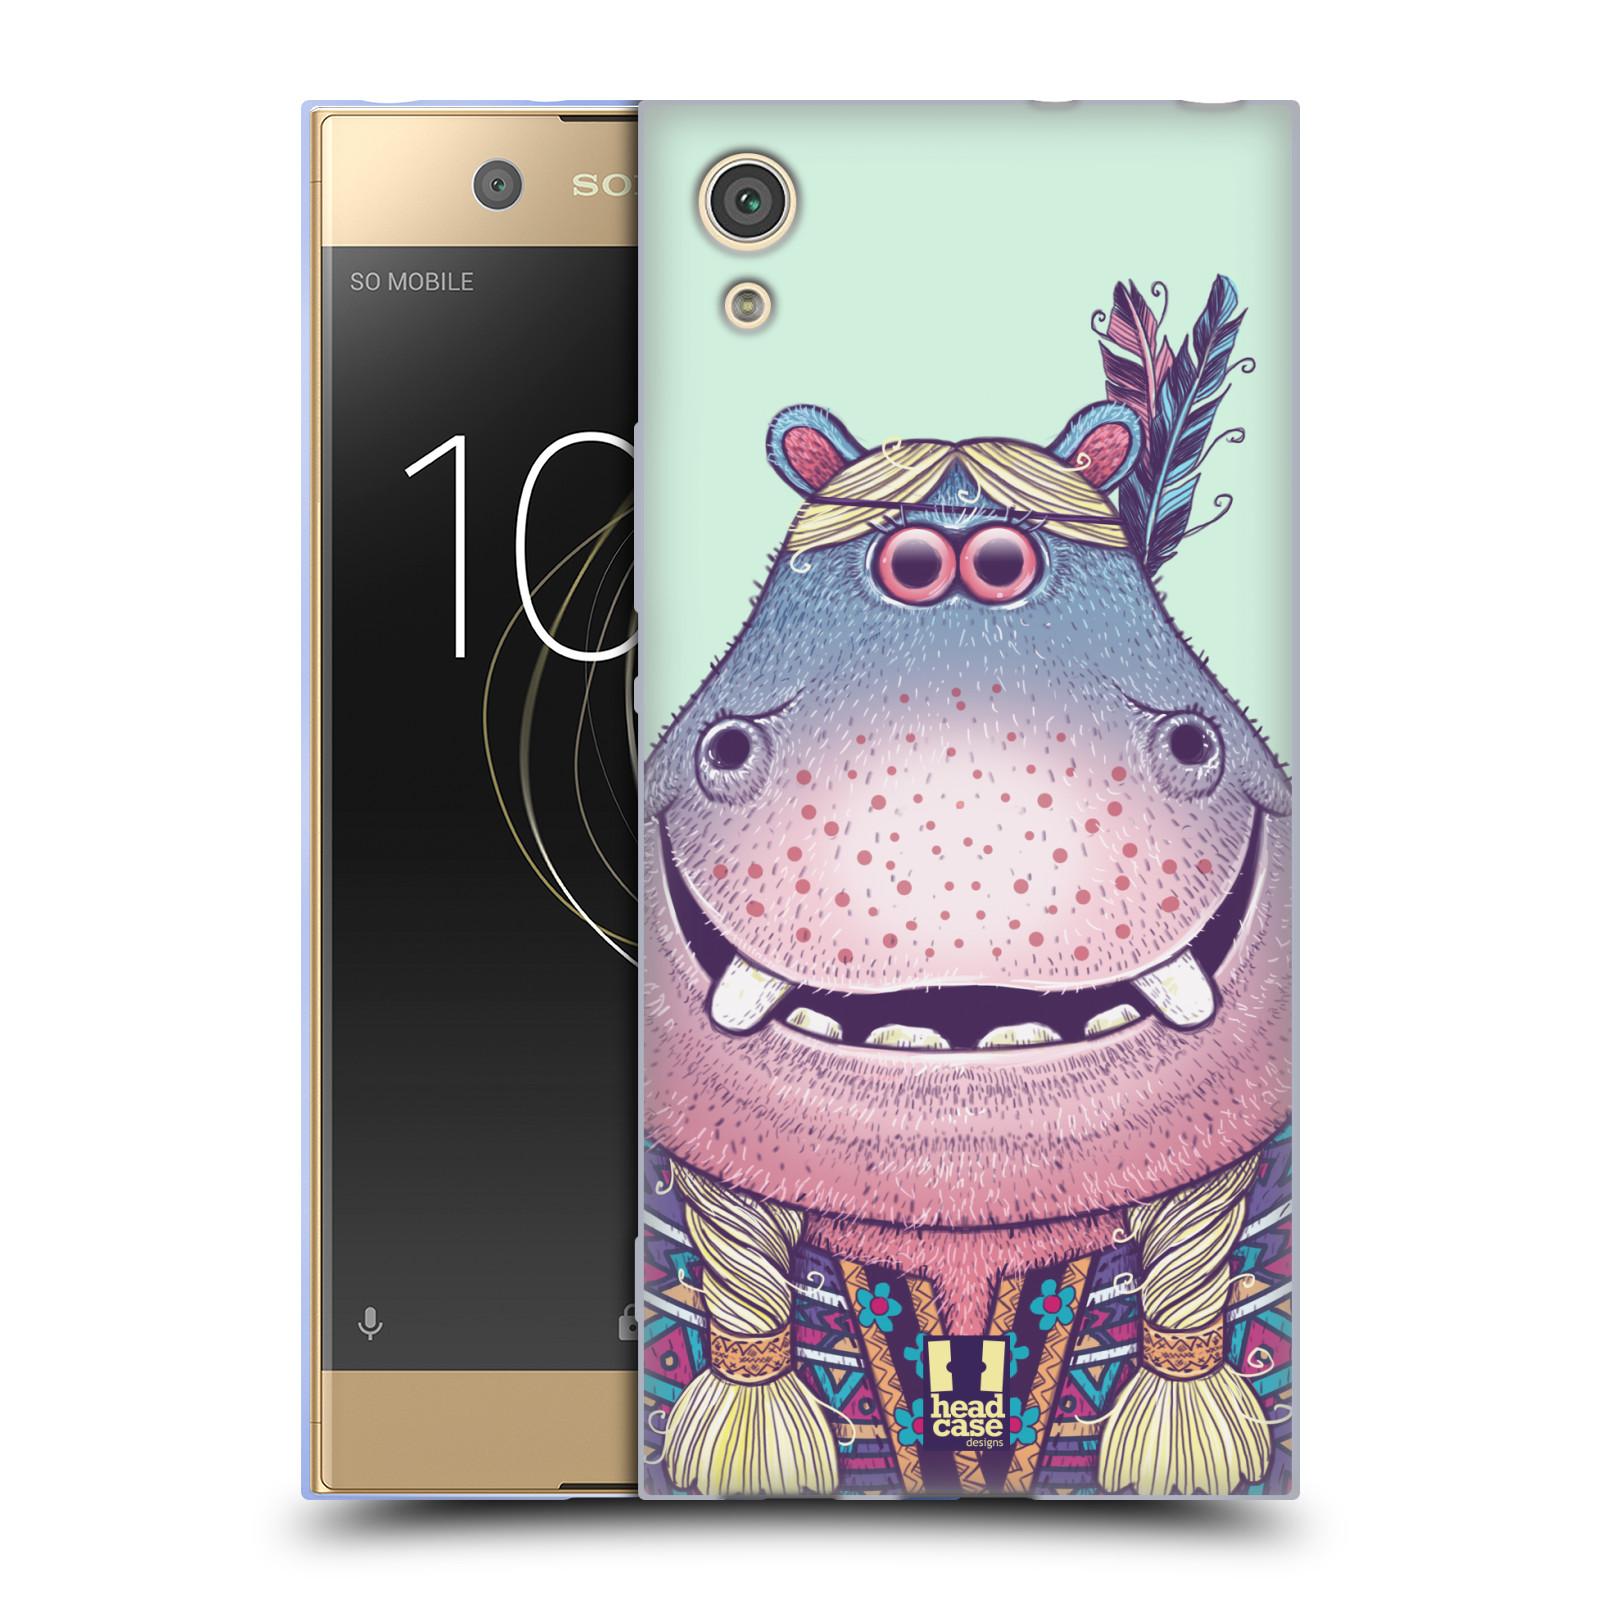 HEAD CASE silikonový obal na mobil Sony Xperia XA1 / XA1 DUAL SIM vzor Kreslená zvířátka hroch